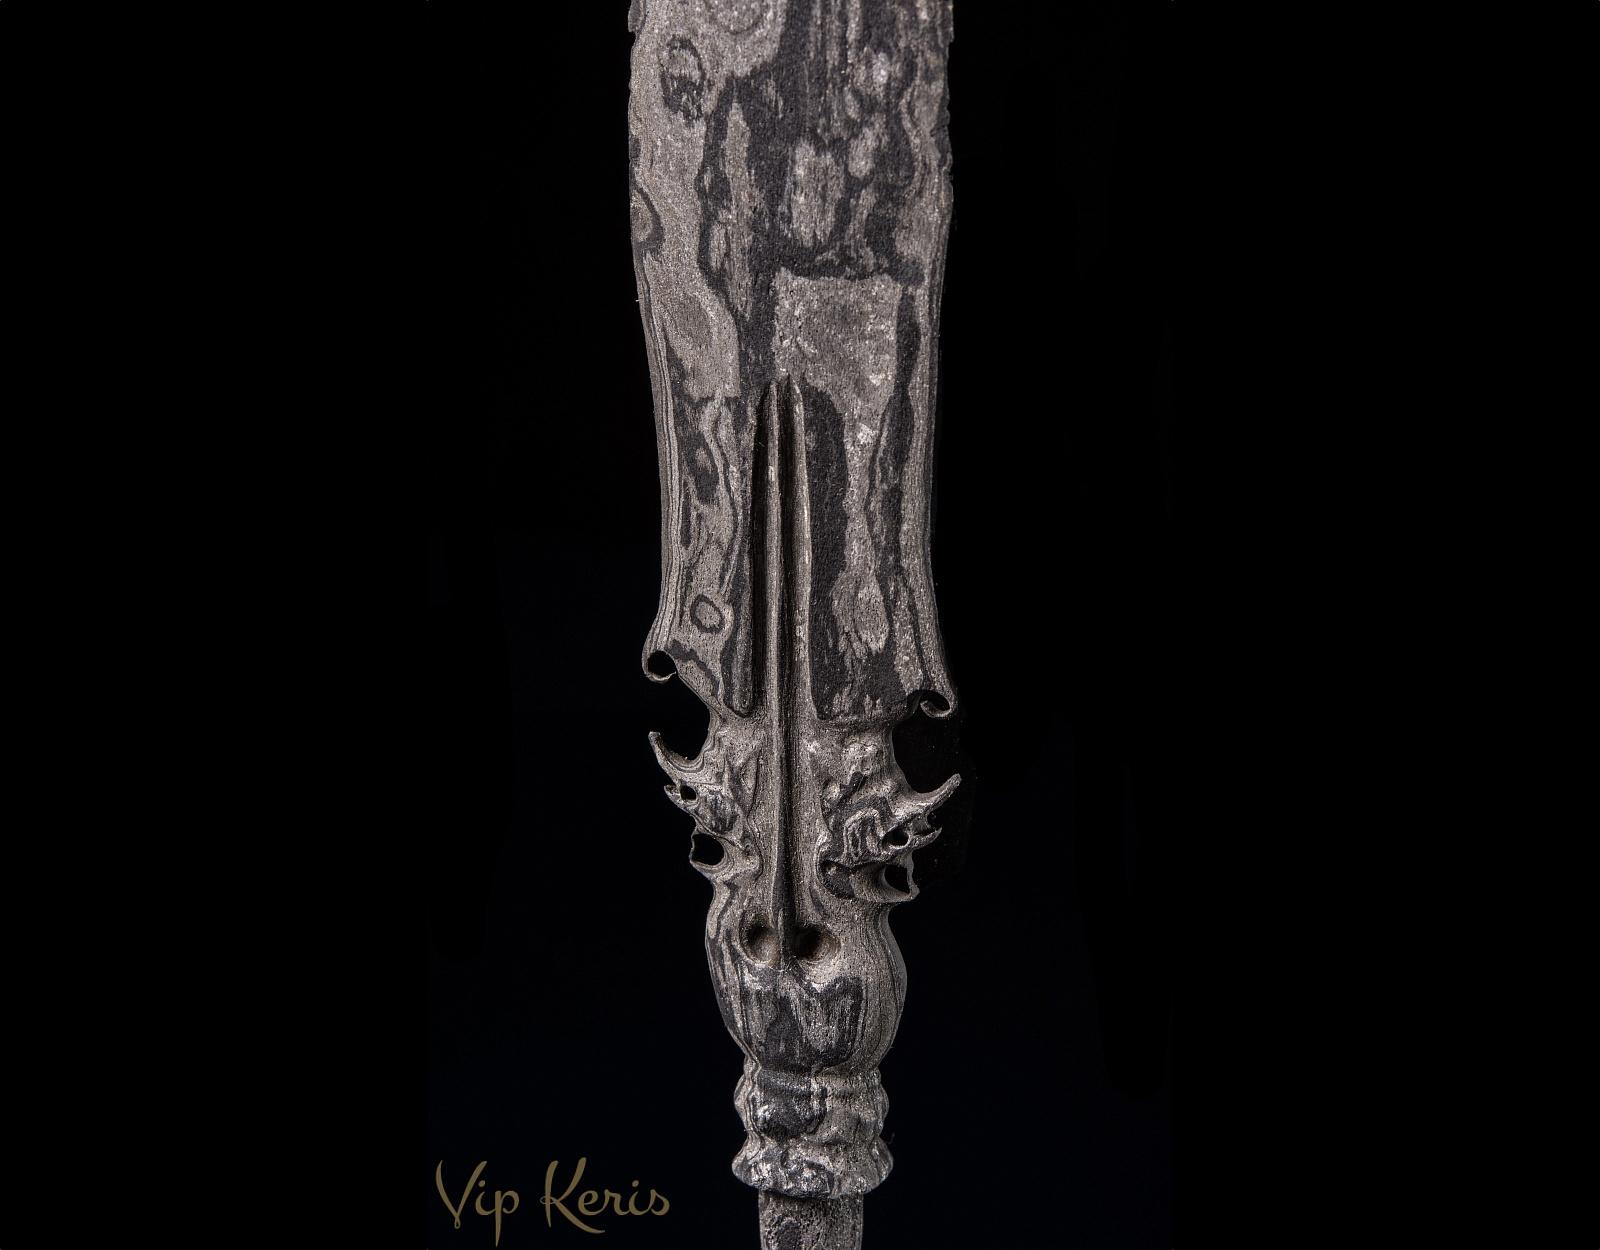 Tumbak Naga Raja фото VipKeris